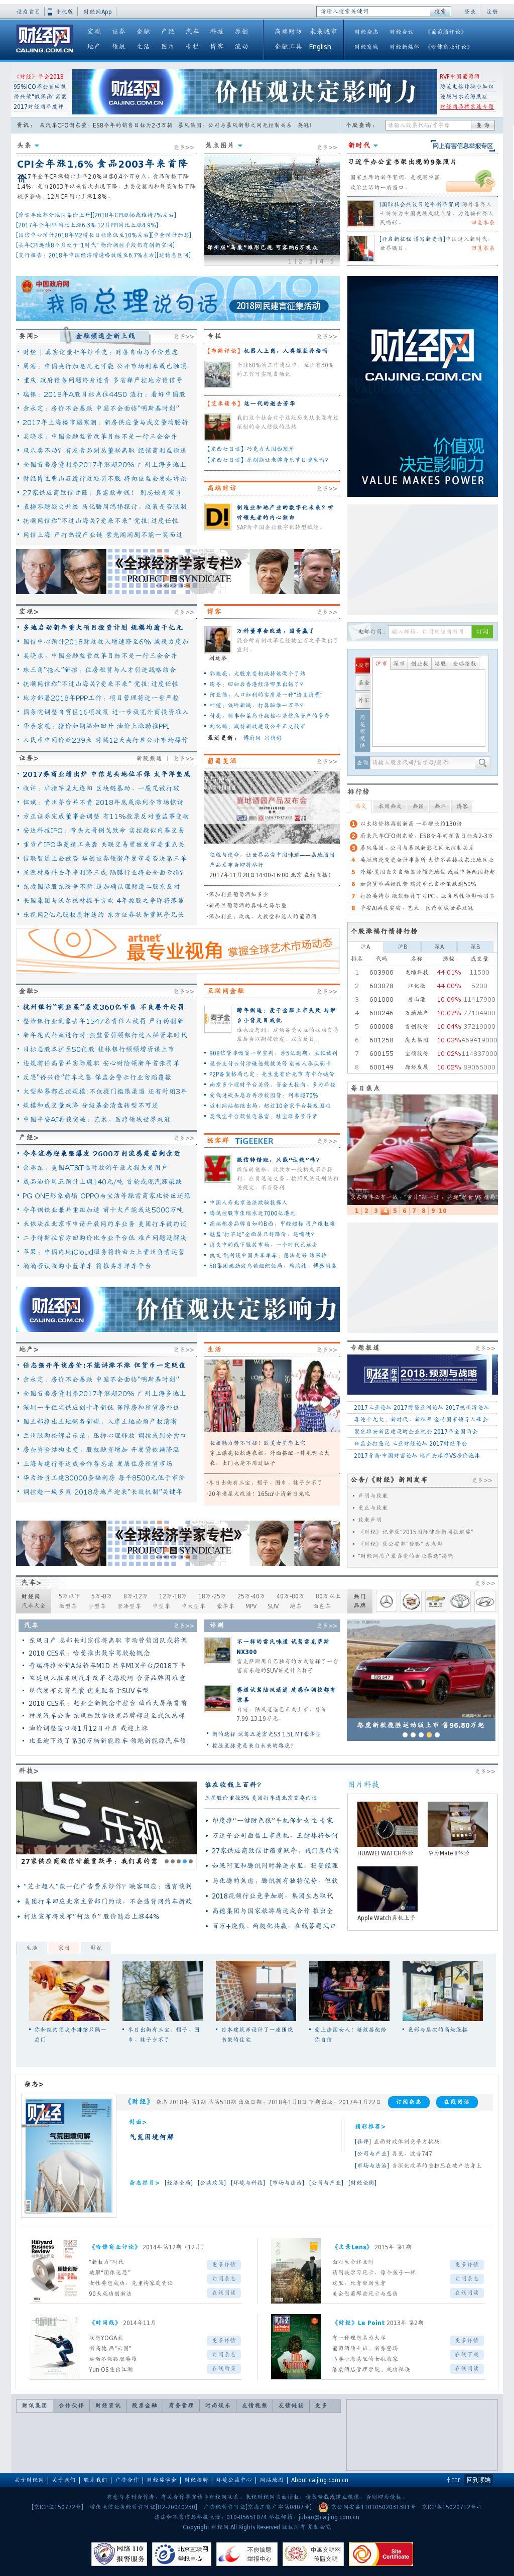 Caijing at Wednesday Jan. 10, 2018, 12:01 p.m. UTC